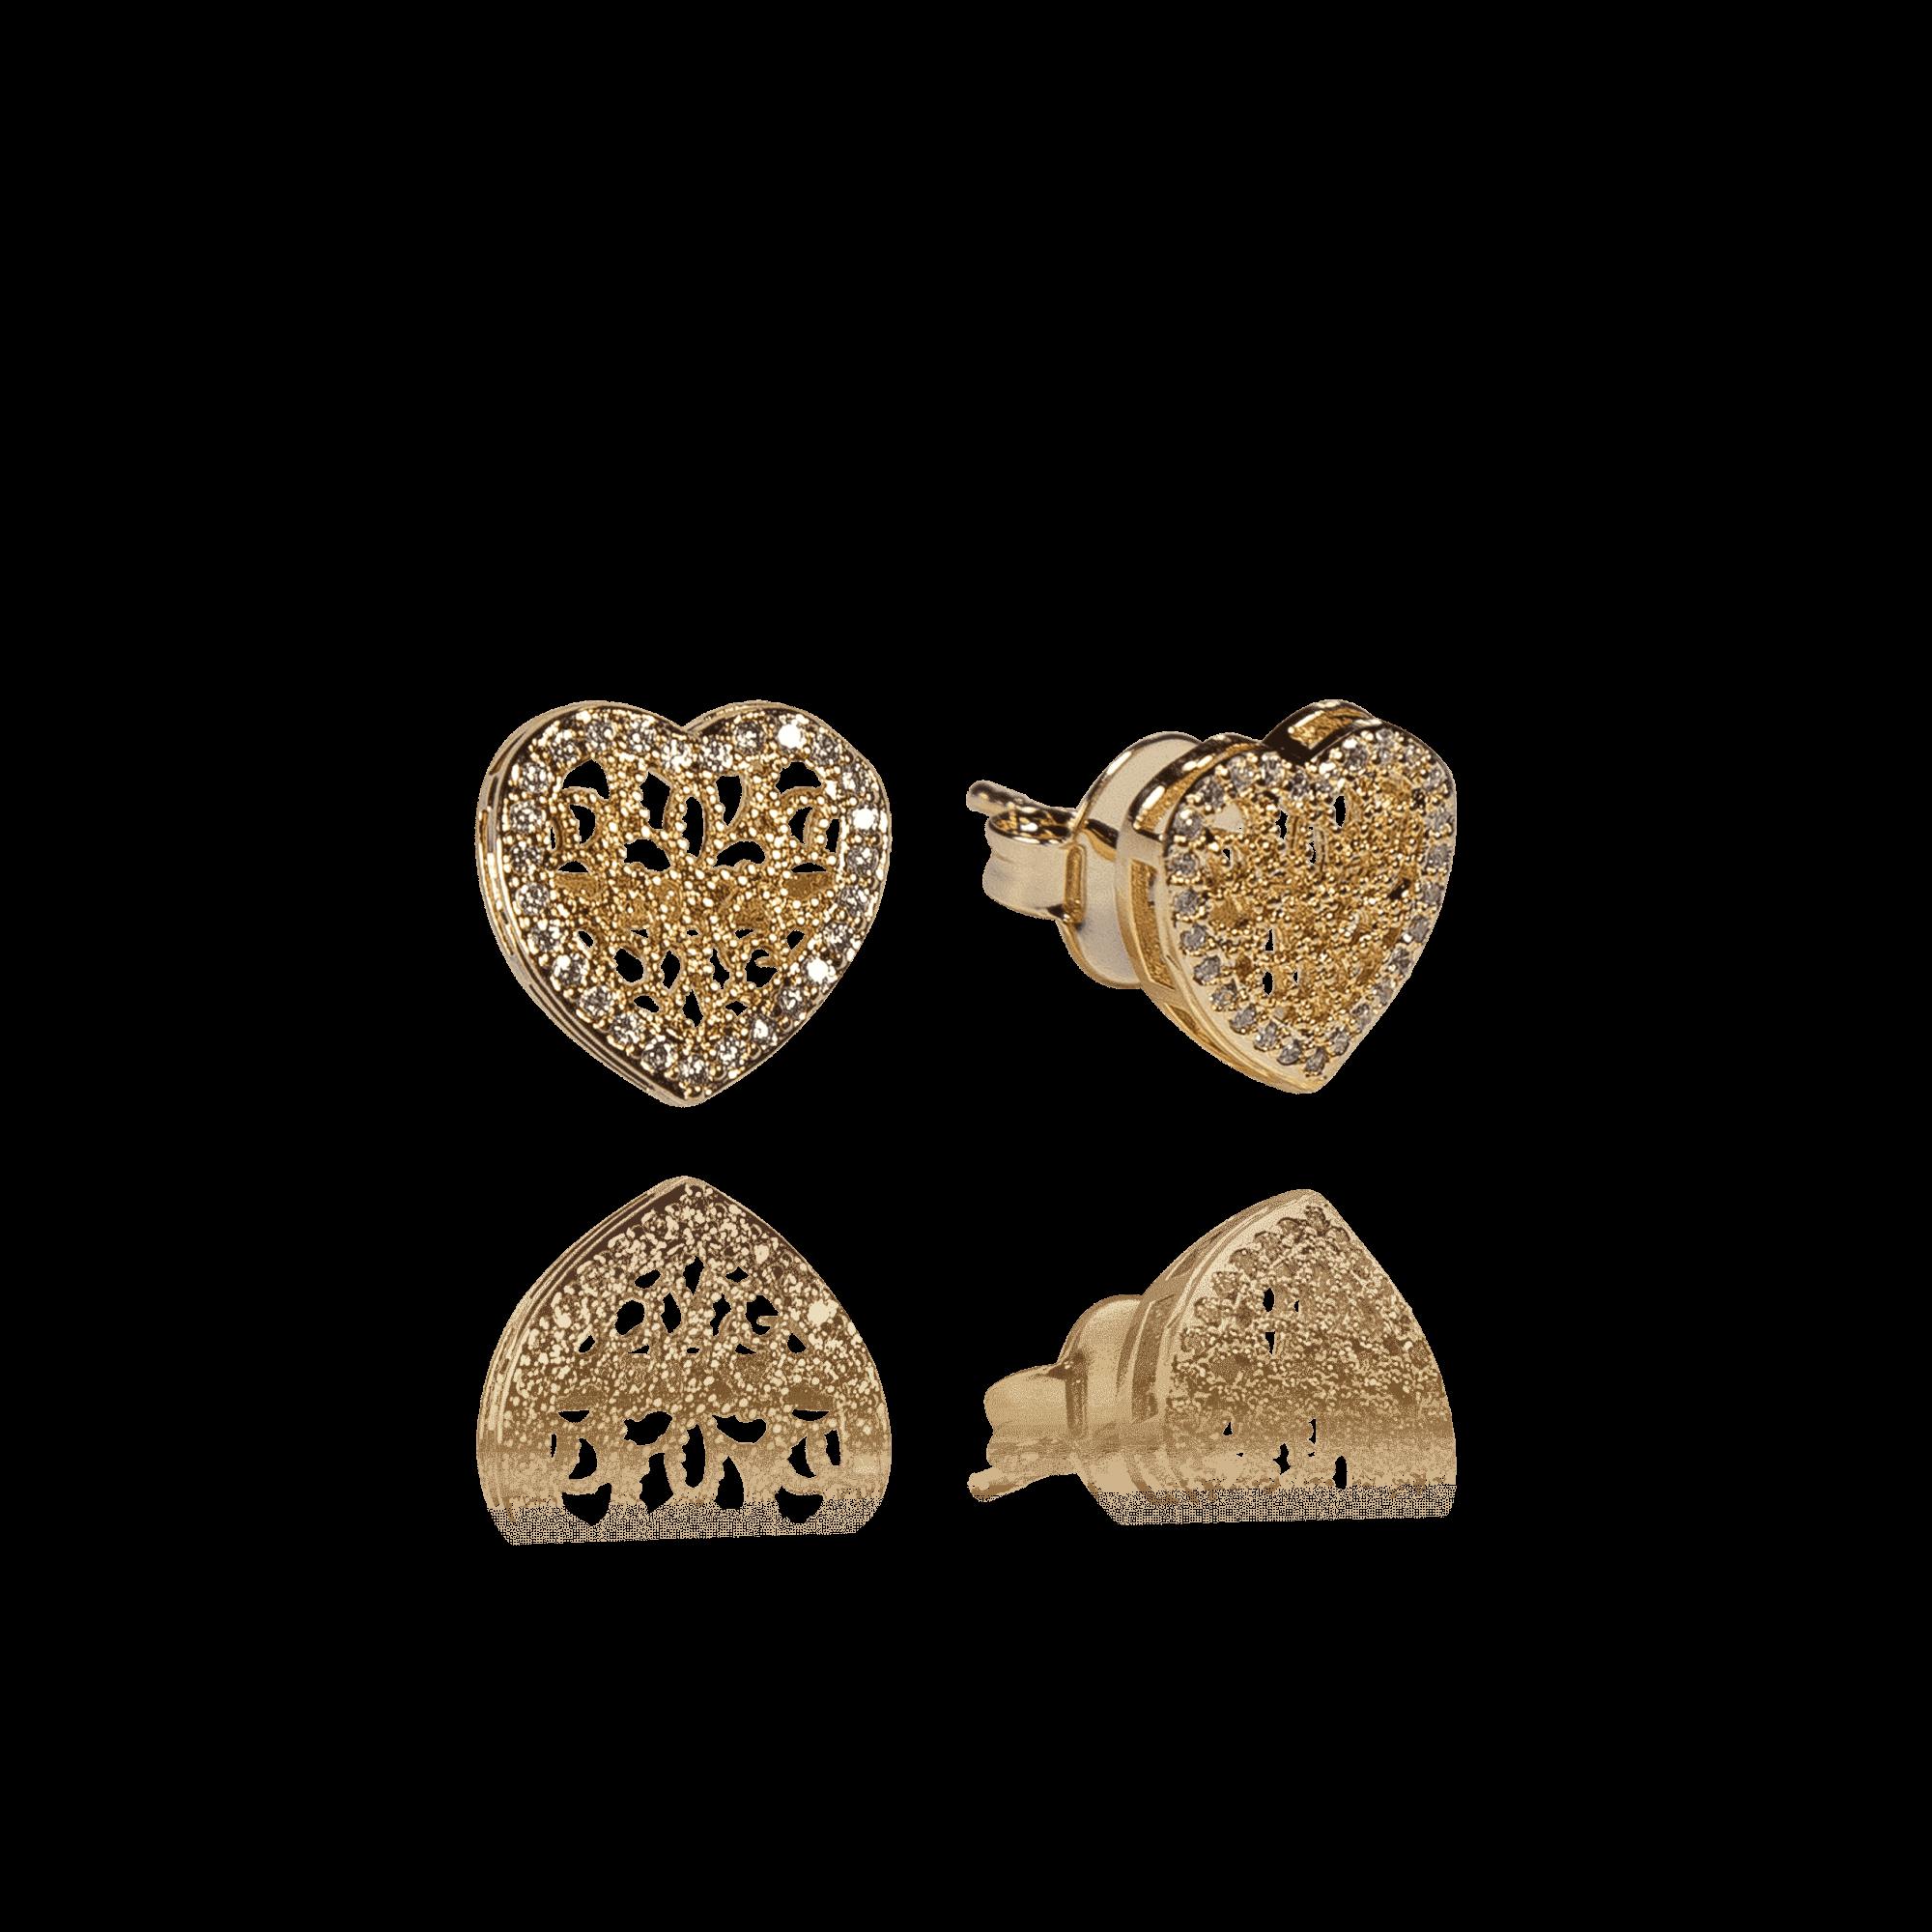 Brinco Coração Dourado com Zircônias